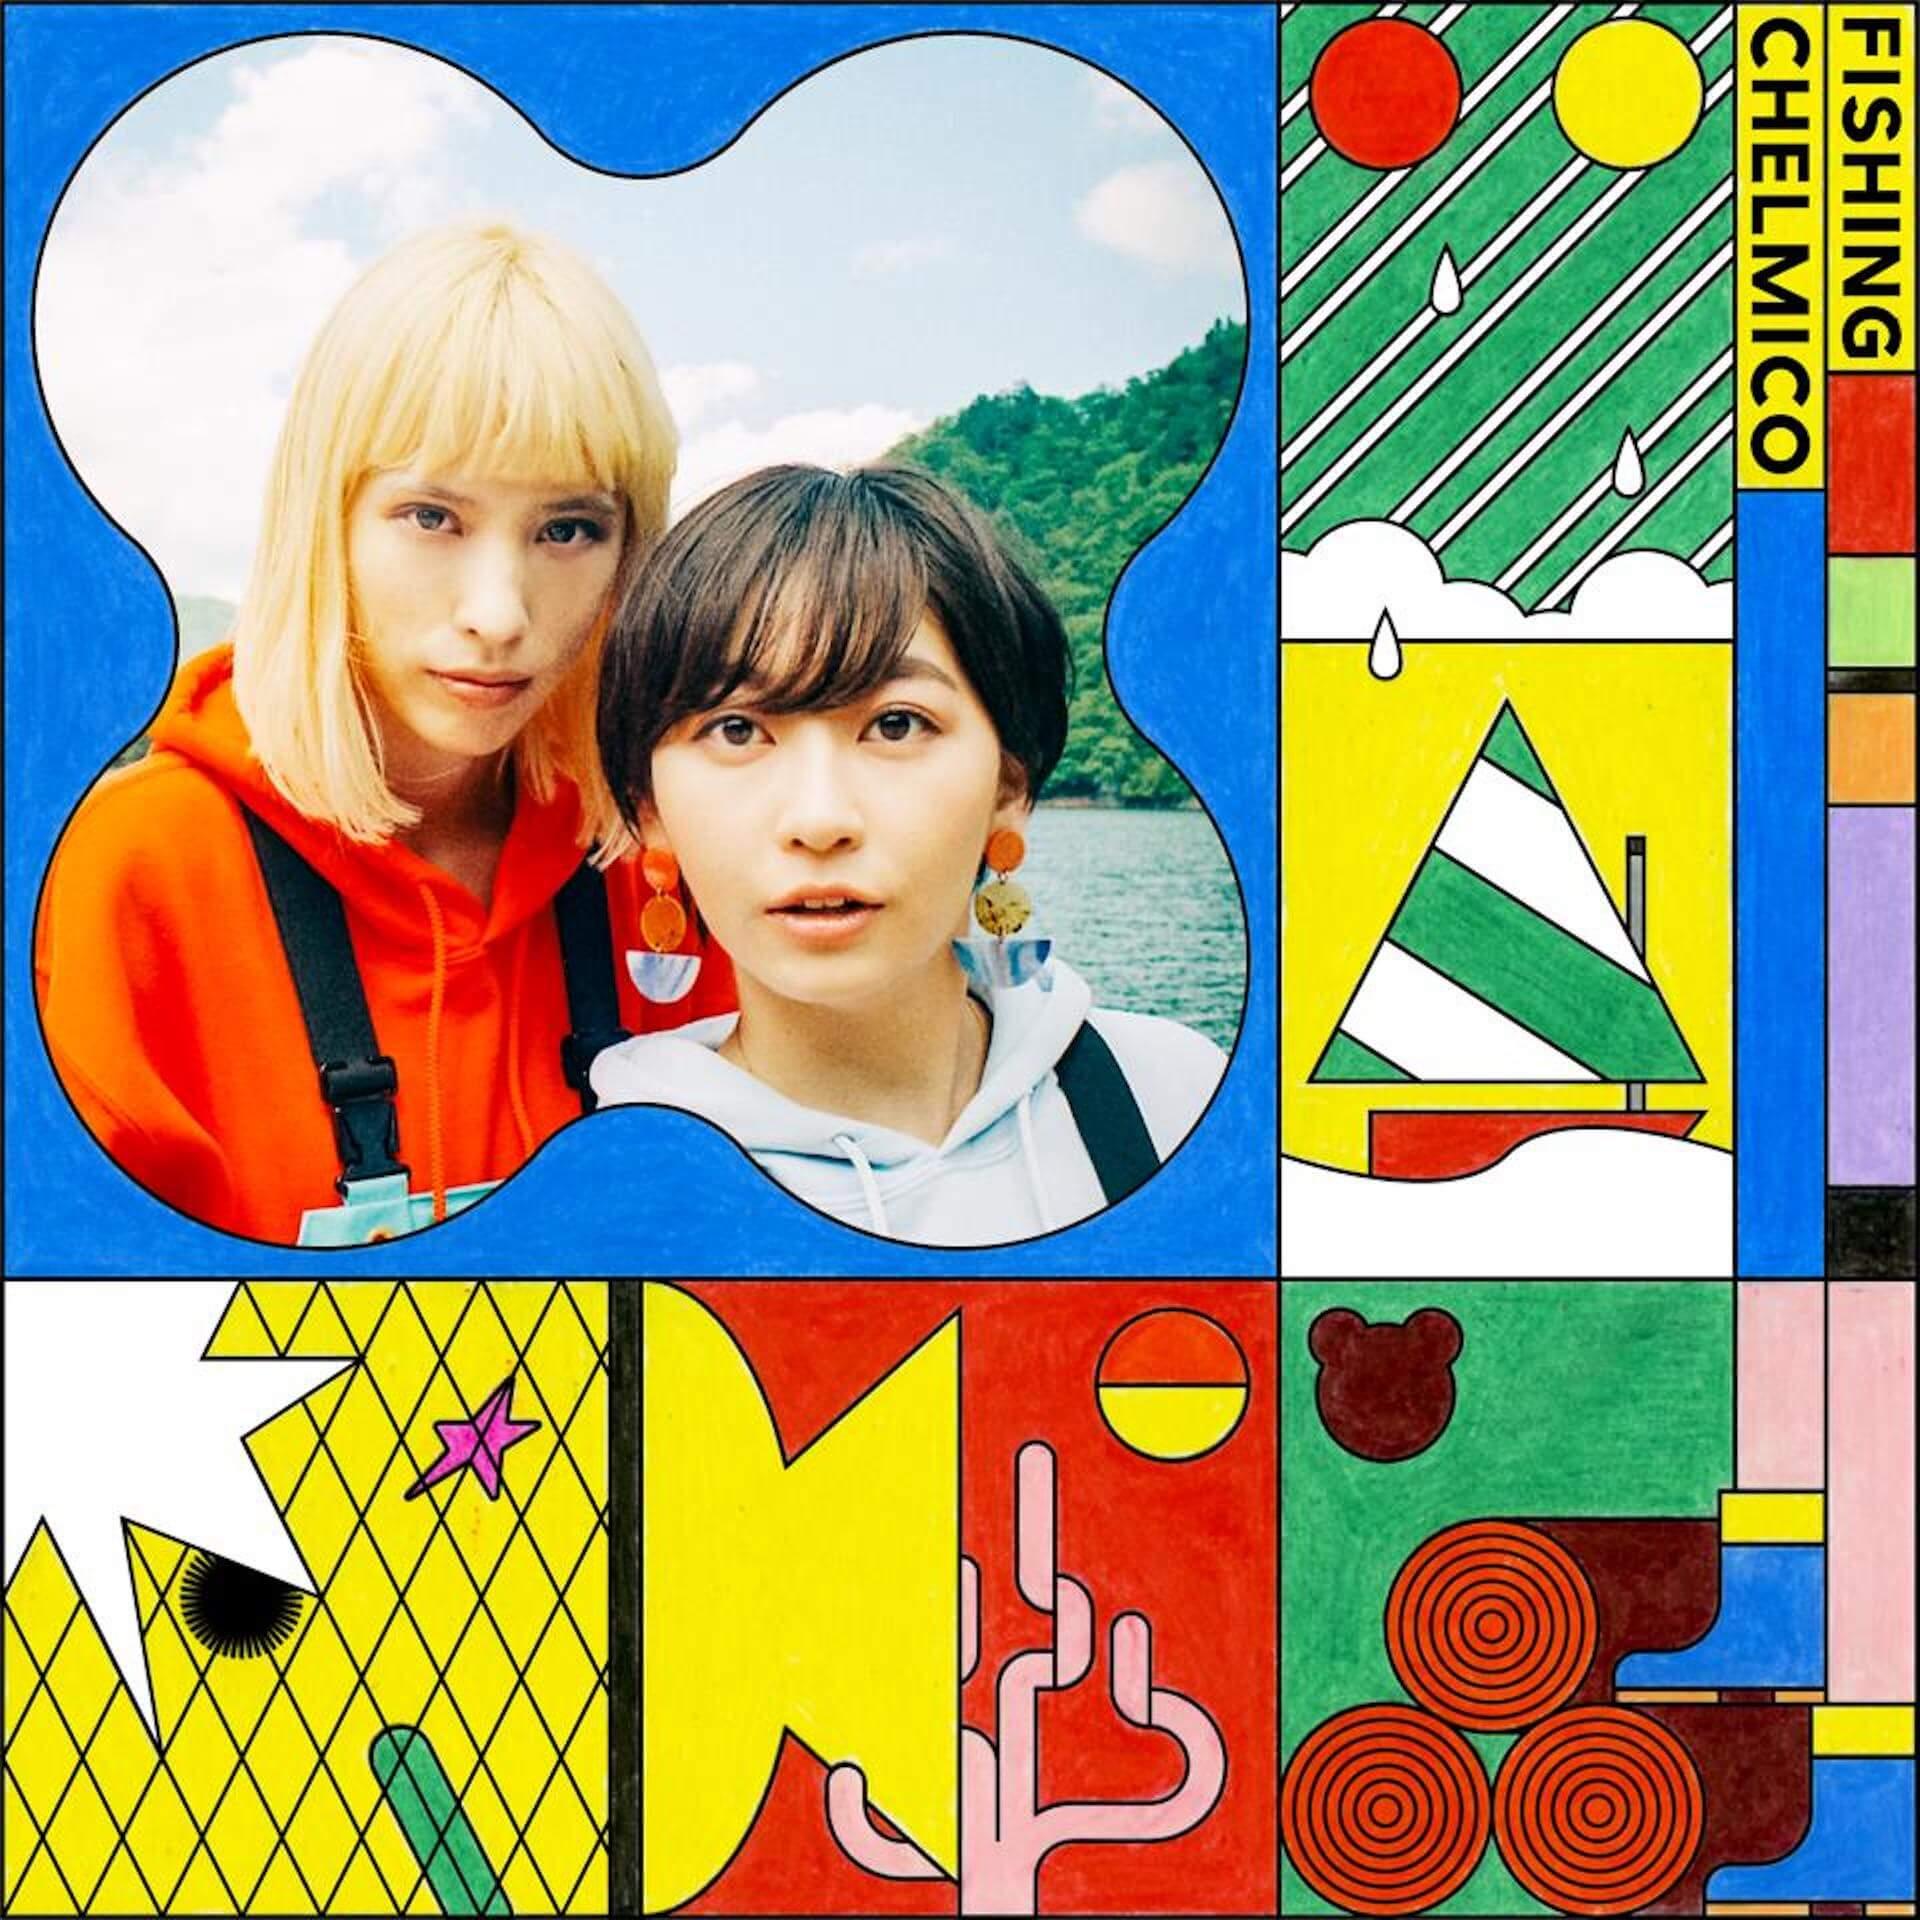 chelmico、2ndアルバムに先駆け「Balloon」のMV公開|chelmico主催の女性限定トークイベント開催も music190705-chelmico-2